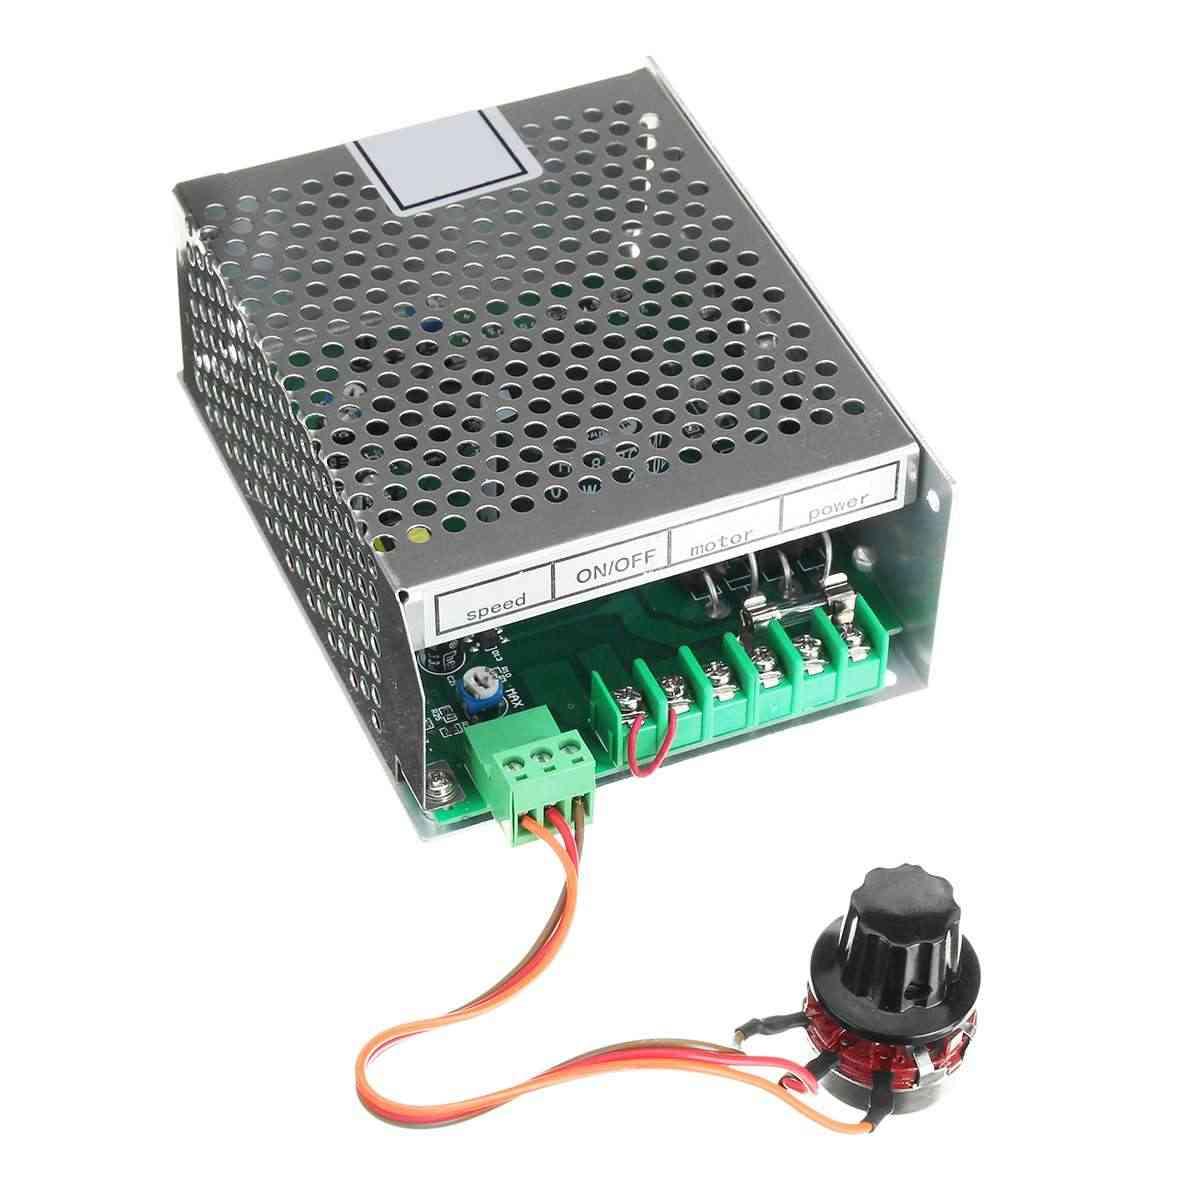 110 V-220 V 500 W Motor Spindle de Refrigeração de Ar Máquina de Gravura do Router + 52 milímetros Grampos + Velocidade governador ER11 fonte de Alimentação CNC Fresagem